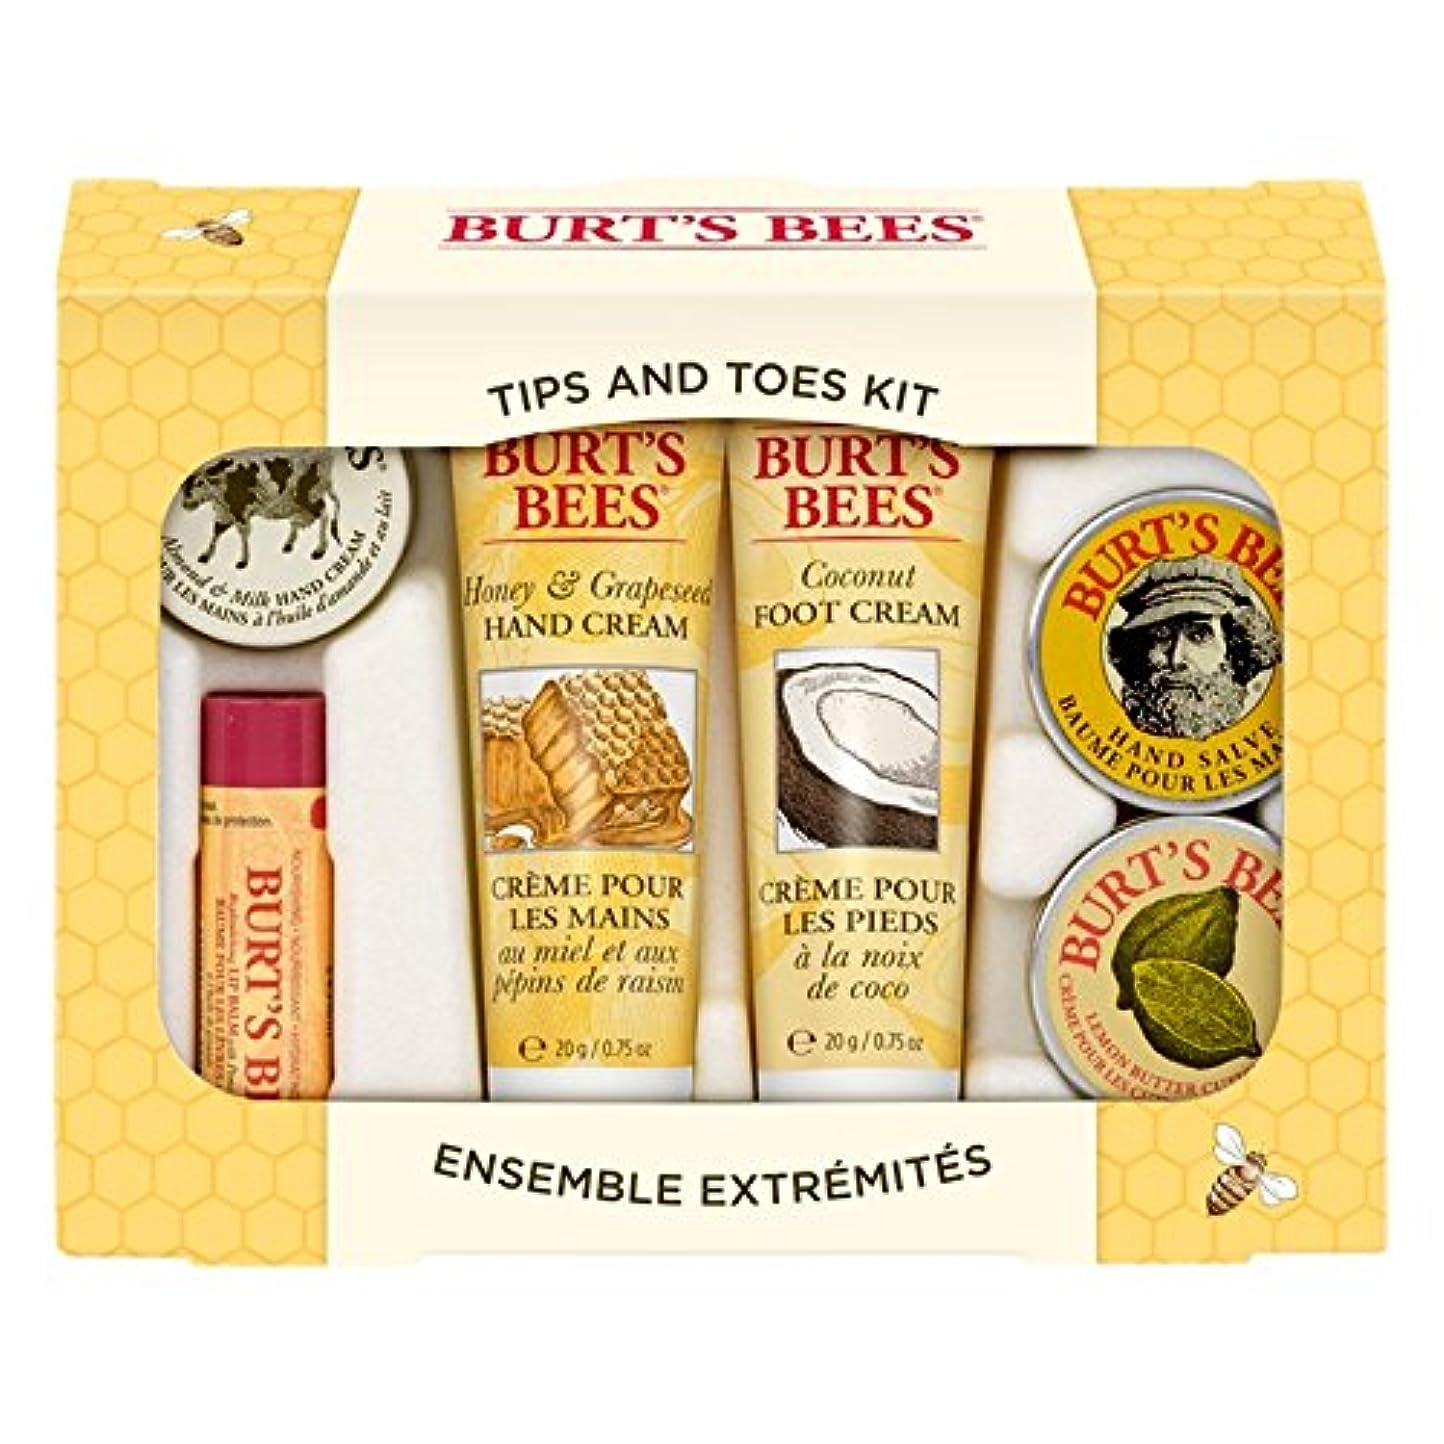 反響するヘッドレスカレンダーバーツビーのヒントとつま先はスターターキットをスキンケア (Burt's Bees) (x2) - Burt's Bees Tips And Toes Skincare Starter Kit (Pack of 2) [...